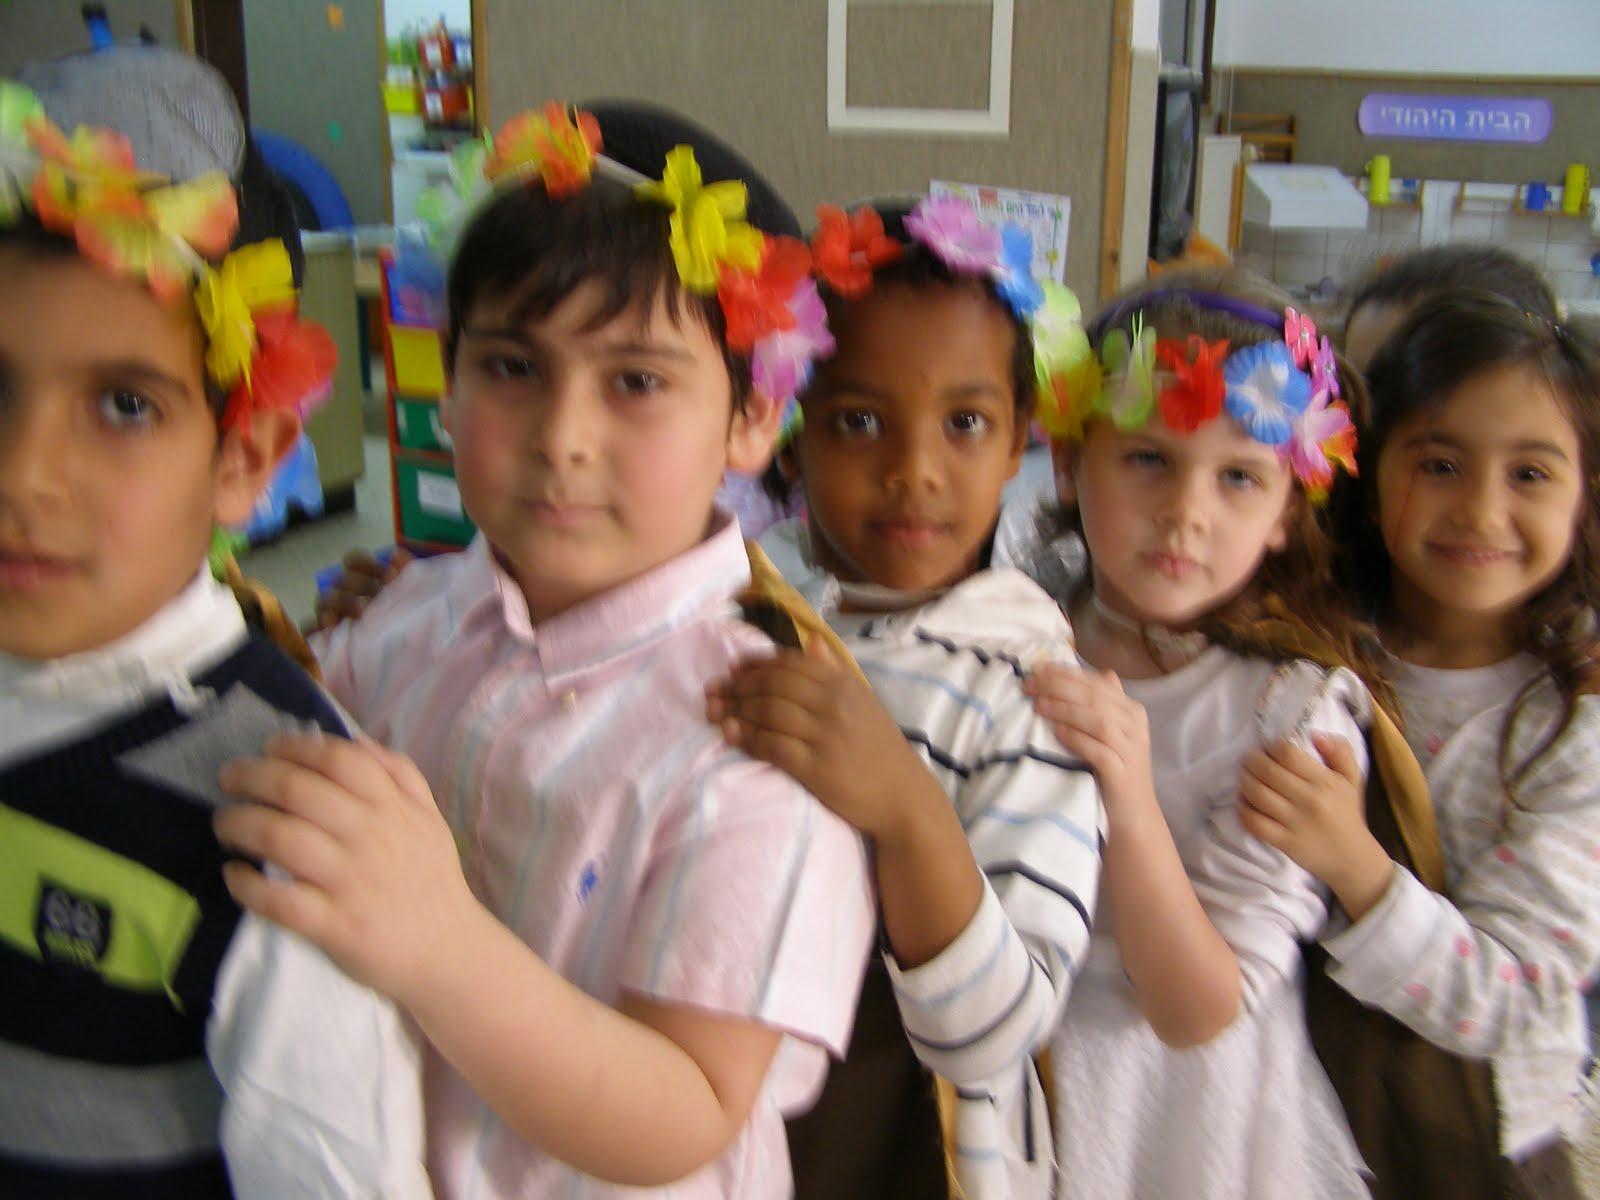 Детский аутизм - обучение навыкам социальной интеракции. Часть 3